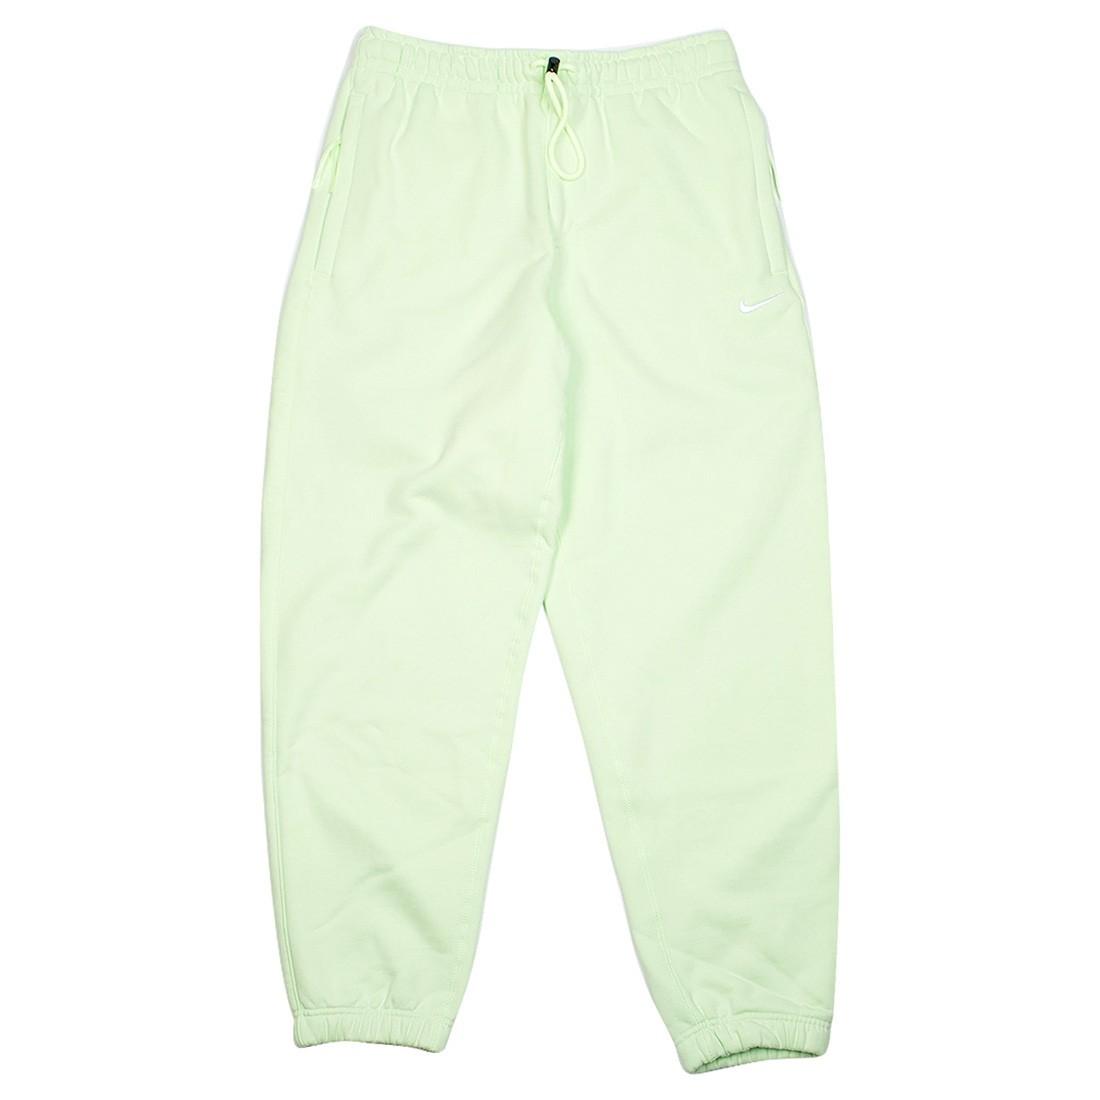 NikeLab Men Nrg Fleece Pants (barely volt)